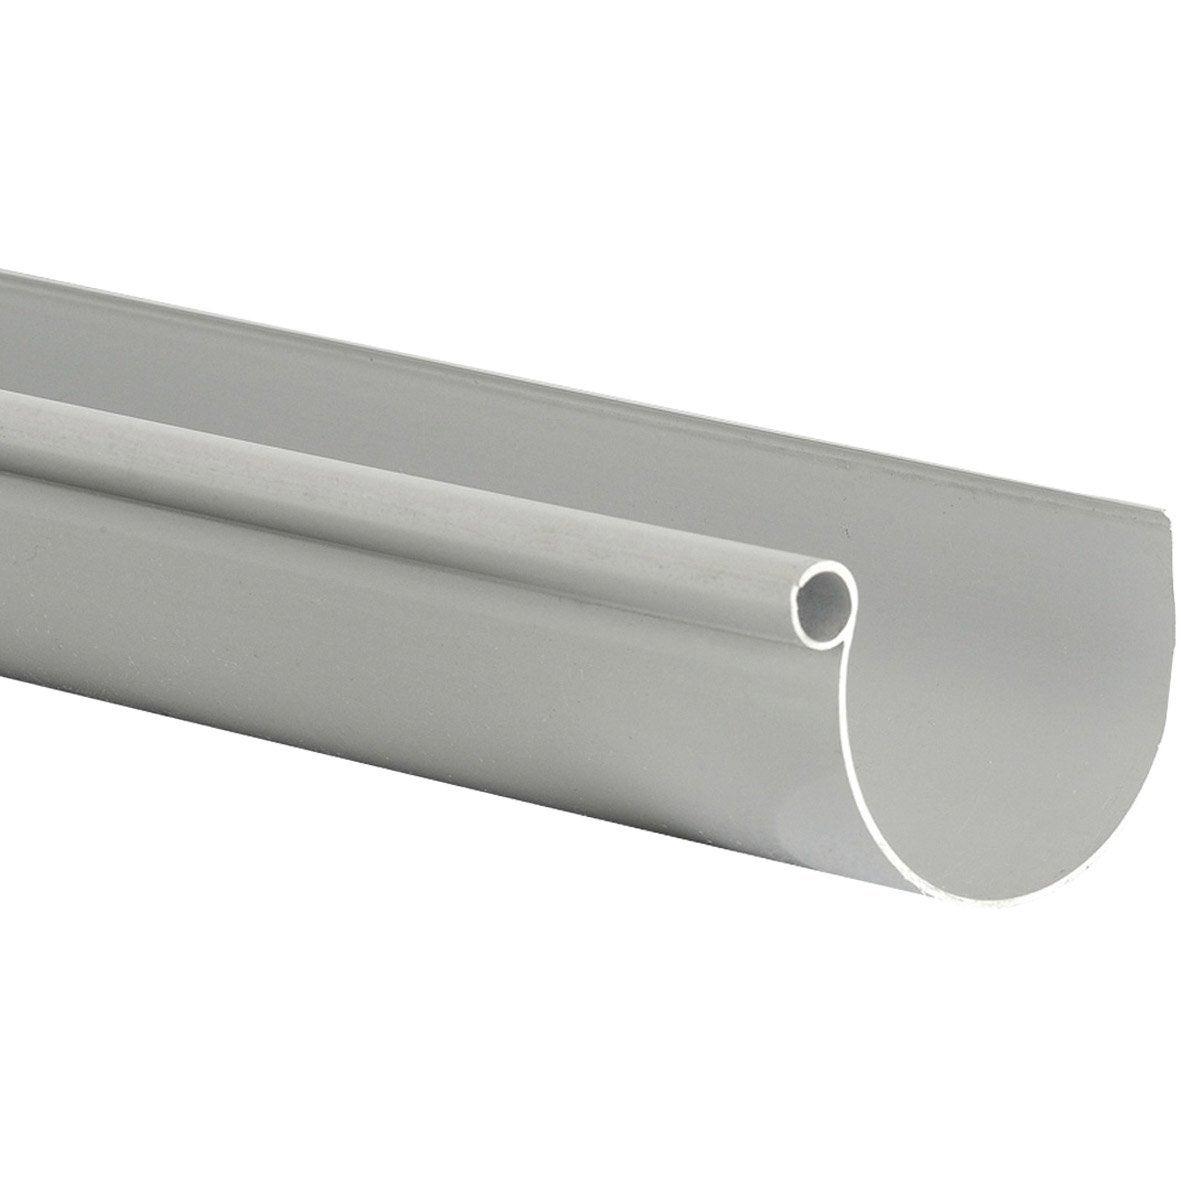 Collier de serrage pour tuyau pliant ou goutti/ère de toit Avec filetage